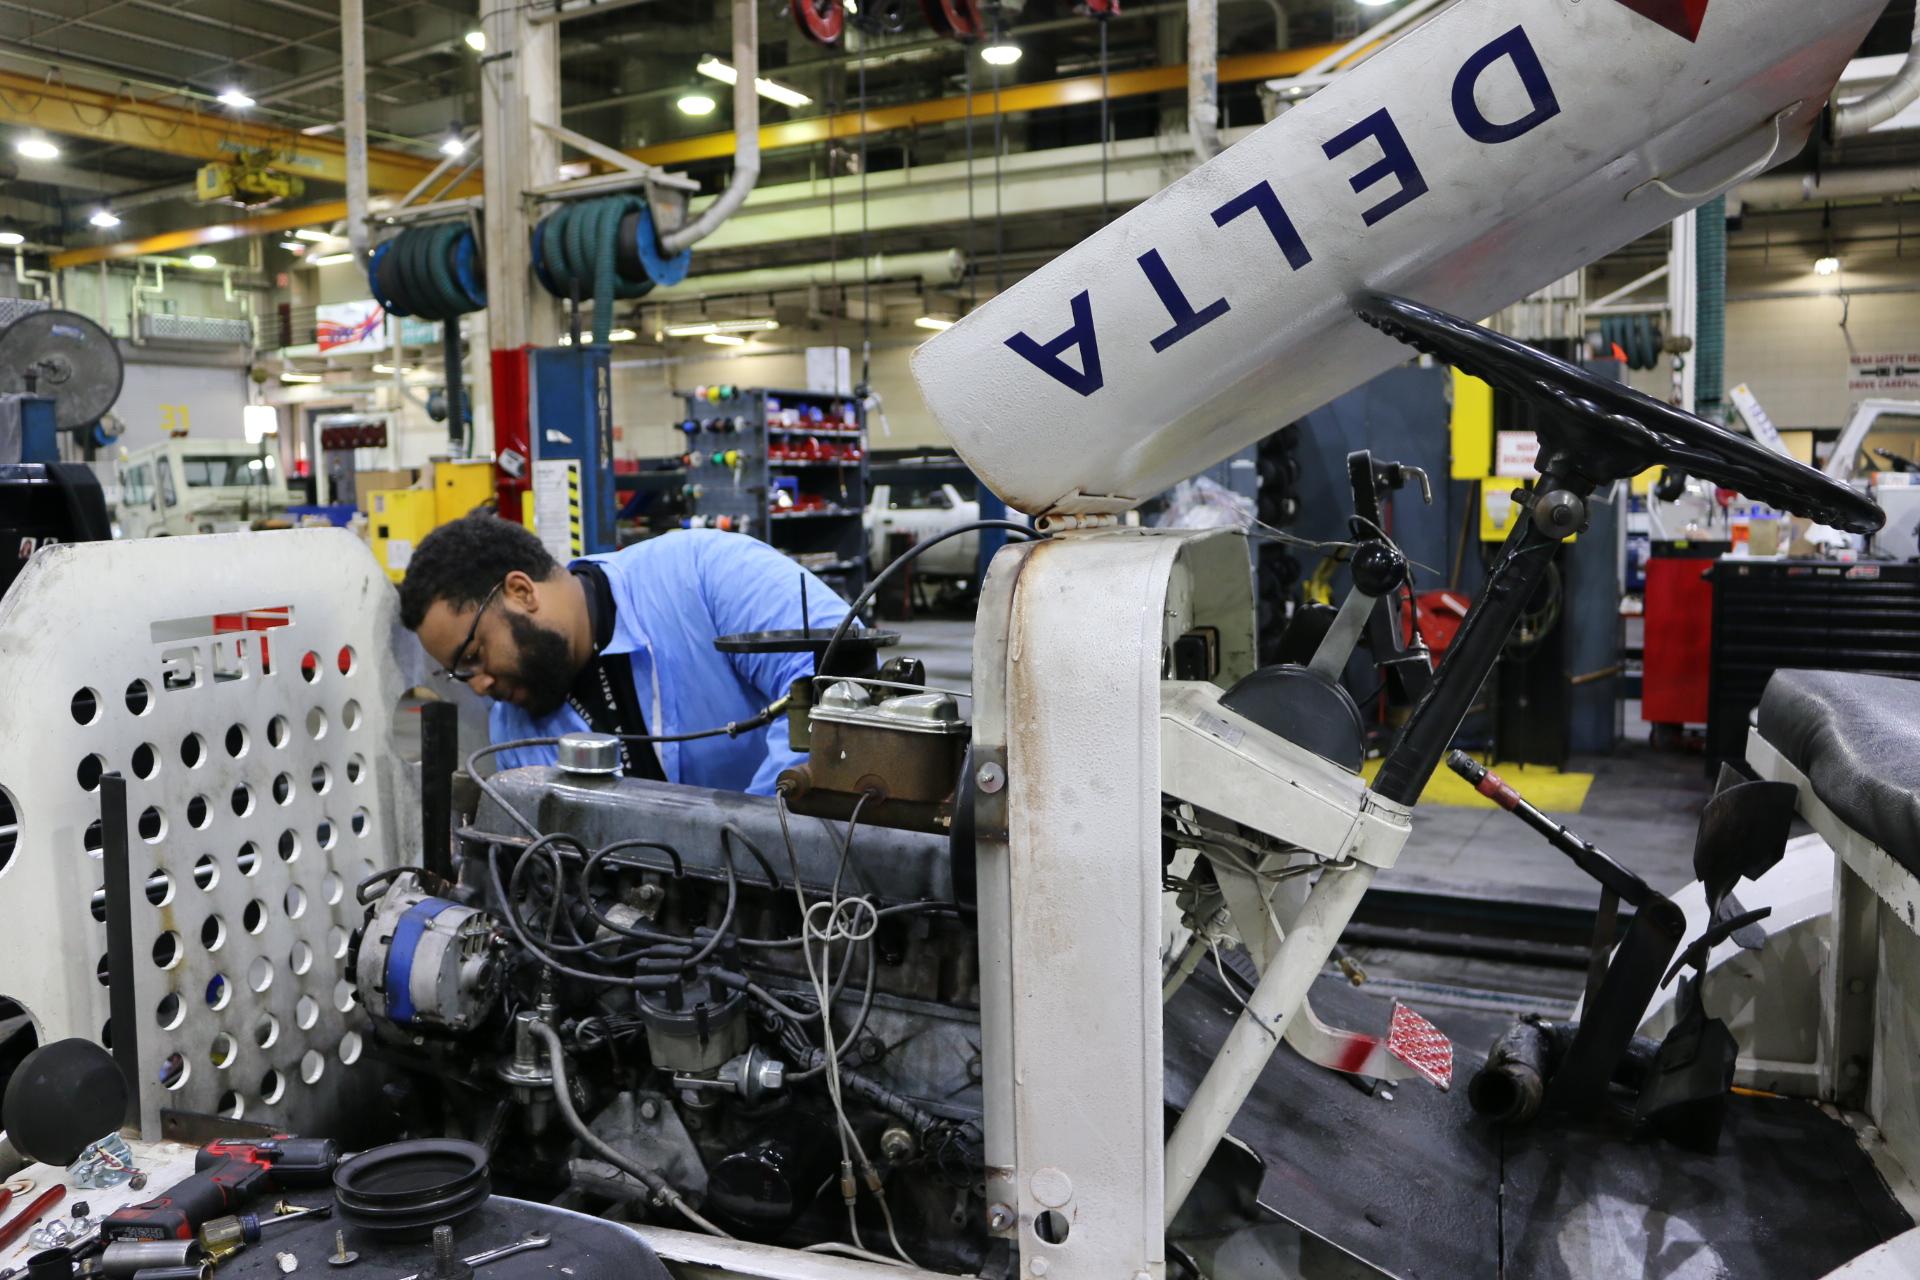 Mechanic working on ground equipment